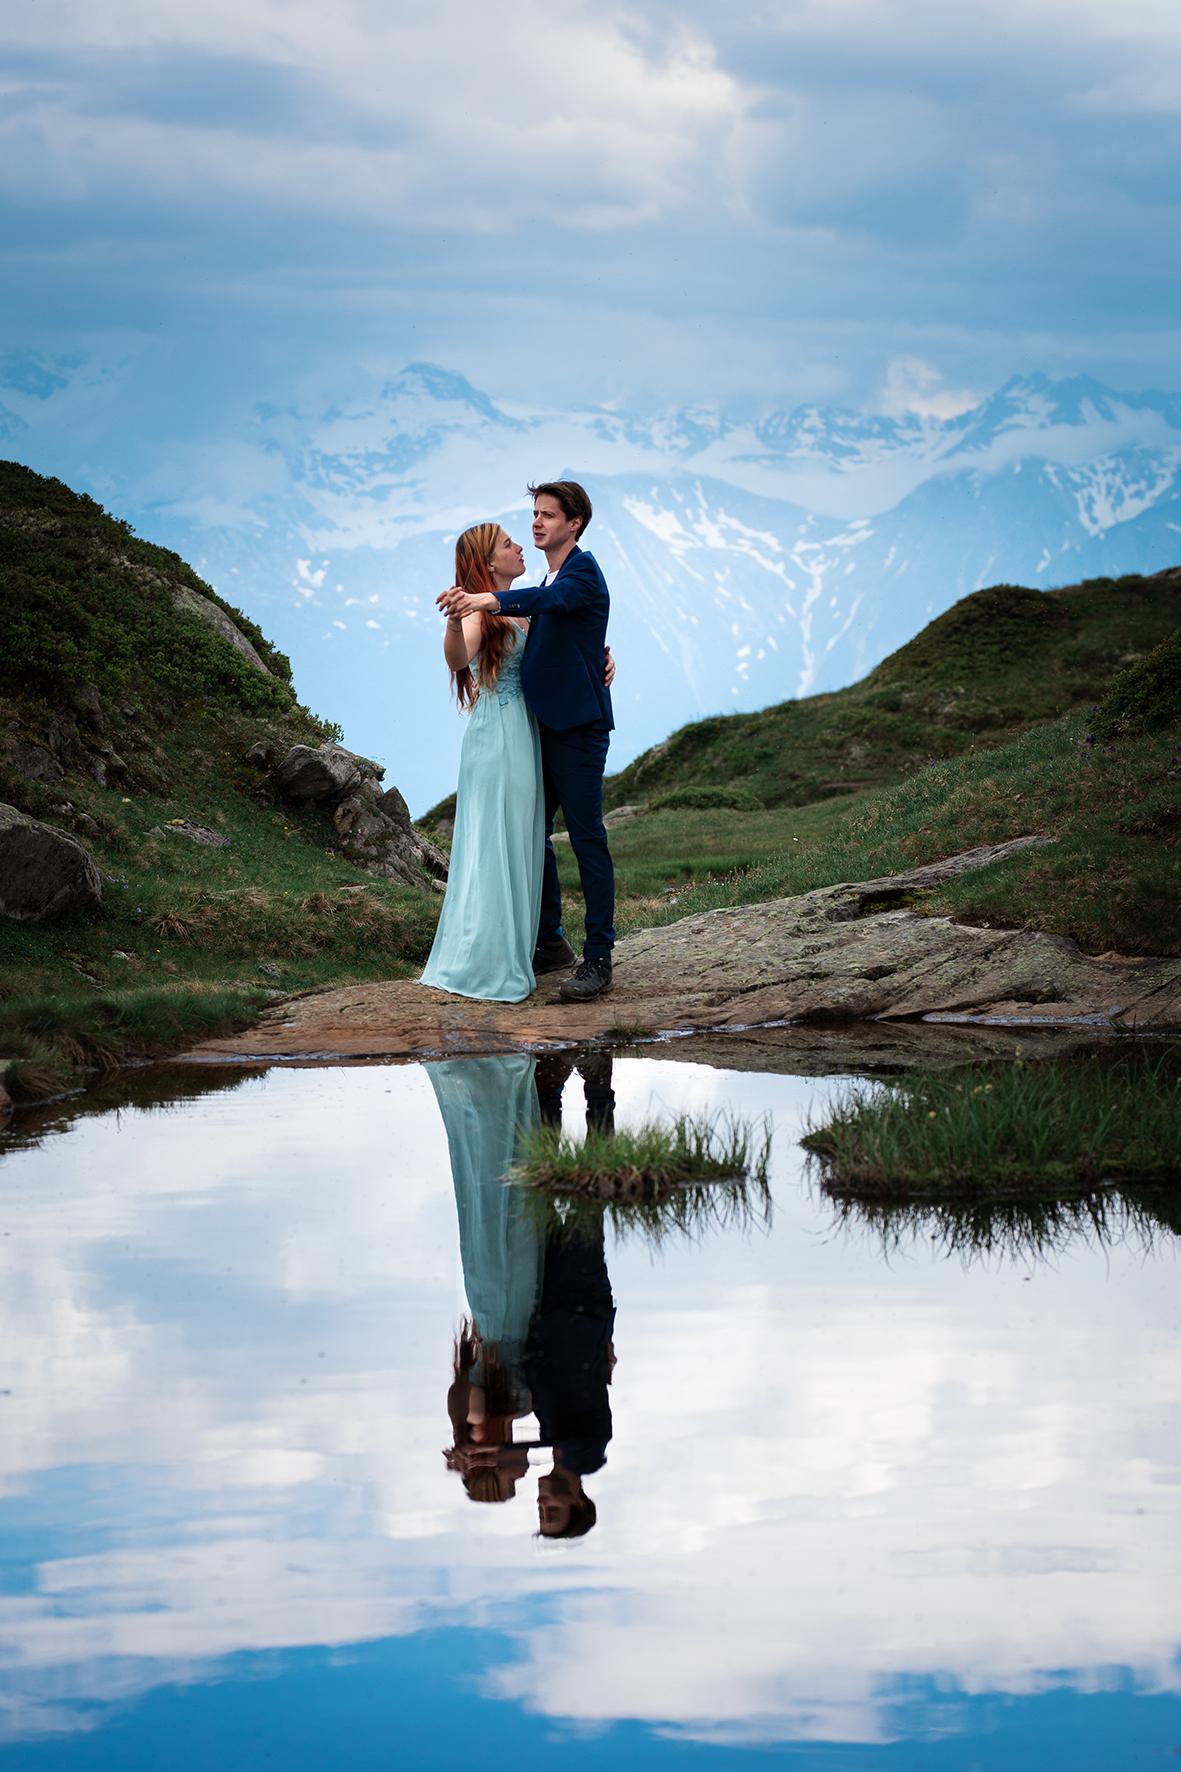 Hochzeitsfotografie_Aletsch_Elopement_11